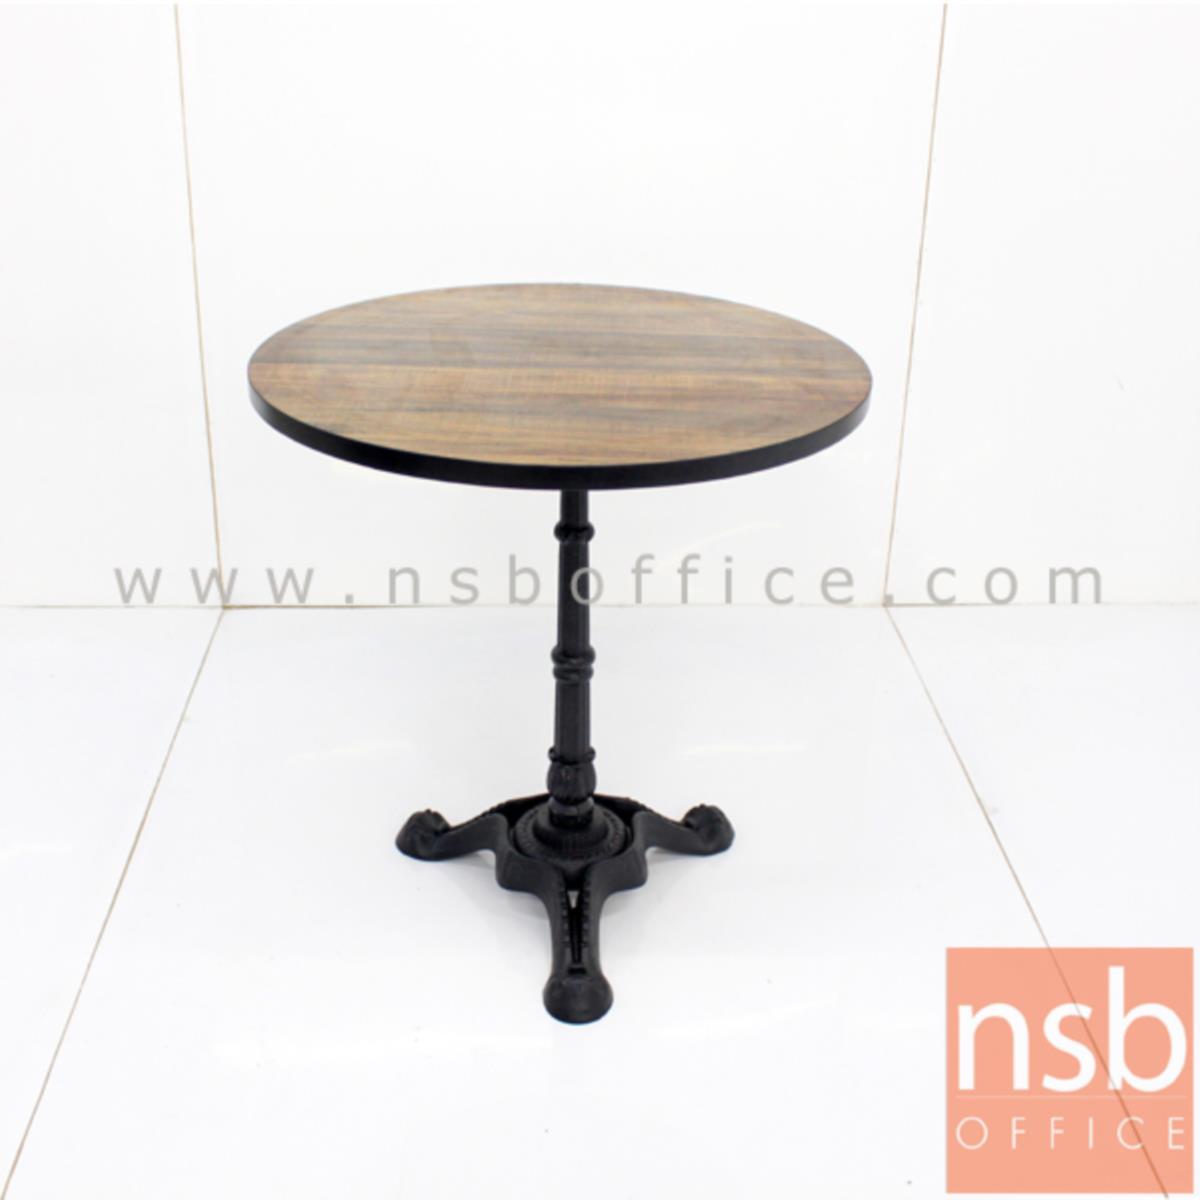 โต๊ะบาร์ COFFEE รุ่น H-CF23 ขนาด 60W ,70W ,80W ,60Di ,70Di ,80Di cm.   ขาเหล็กฐานสามแฉกสีดำ